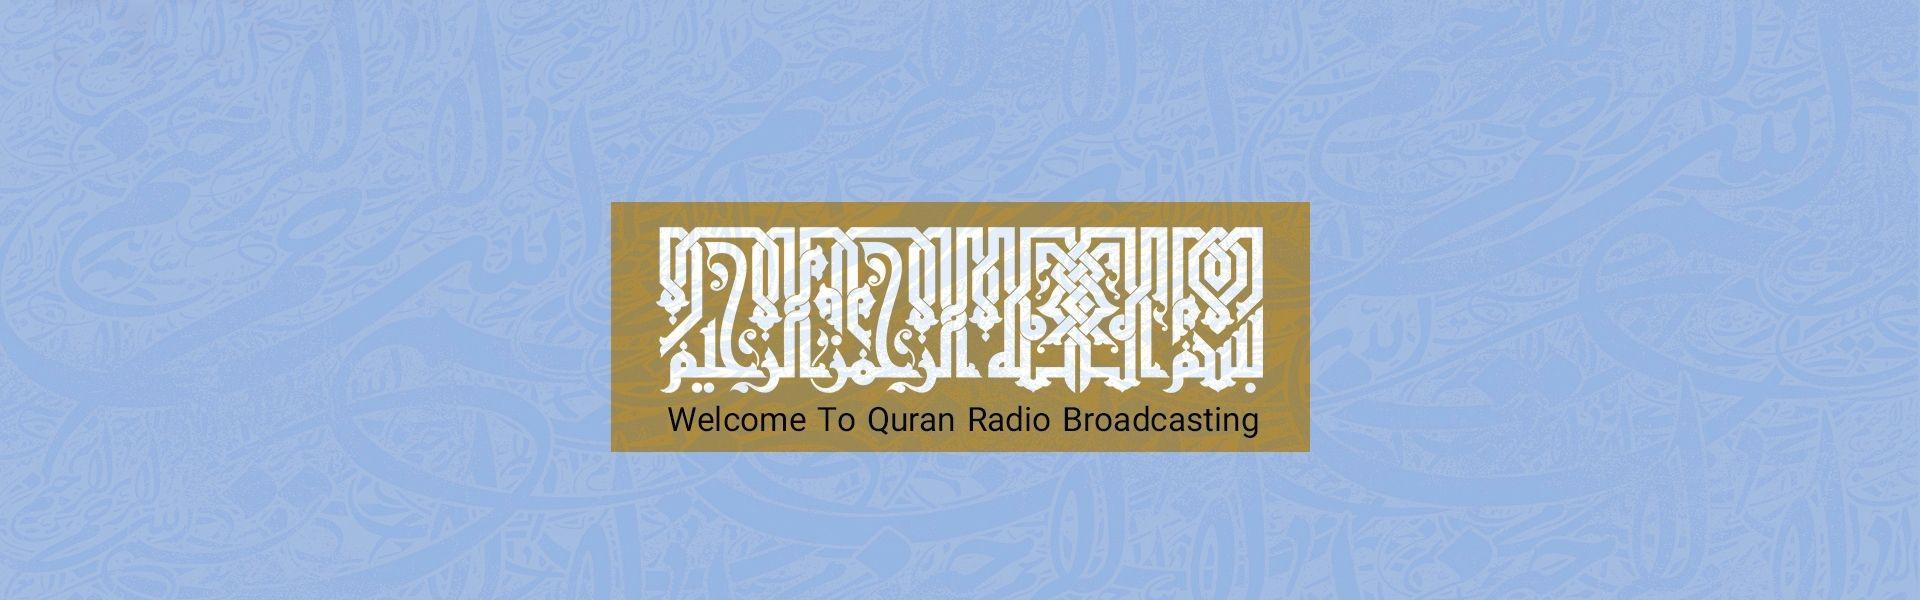 رادیو قرآن، فرصتی برای انس بیشتر با قرآن کریم